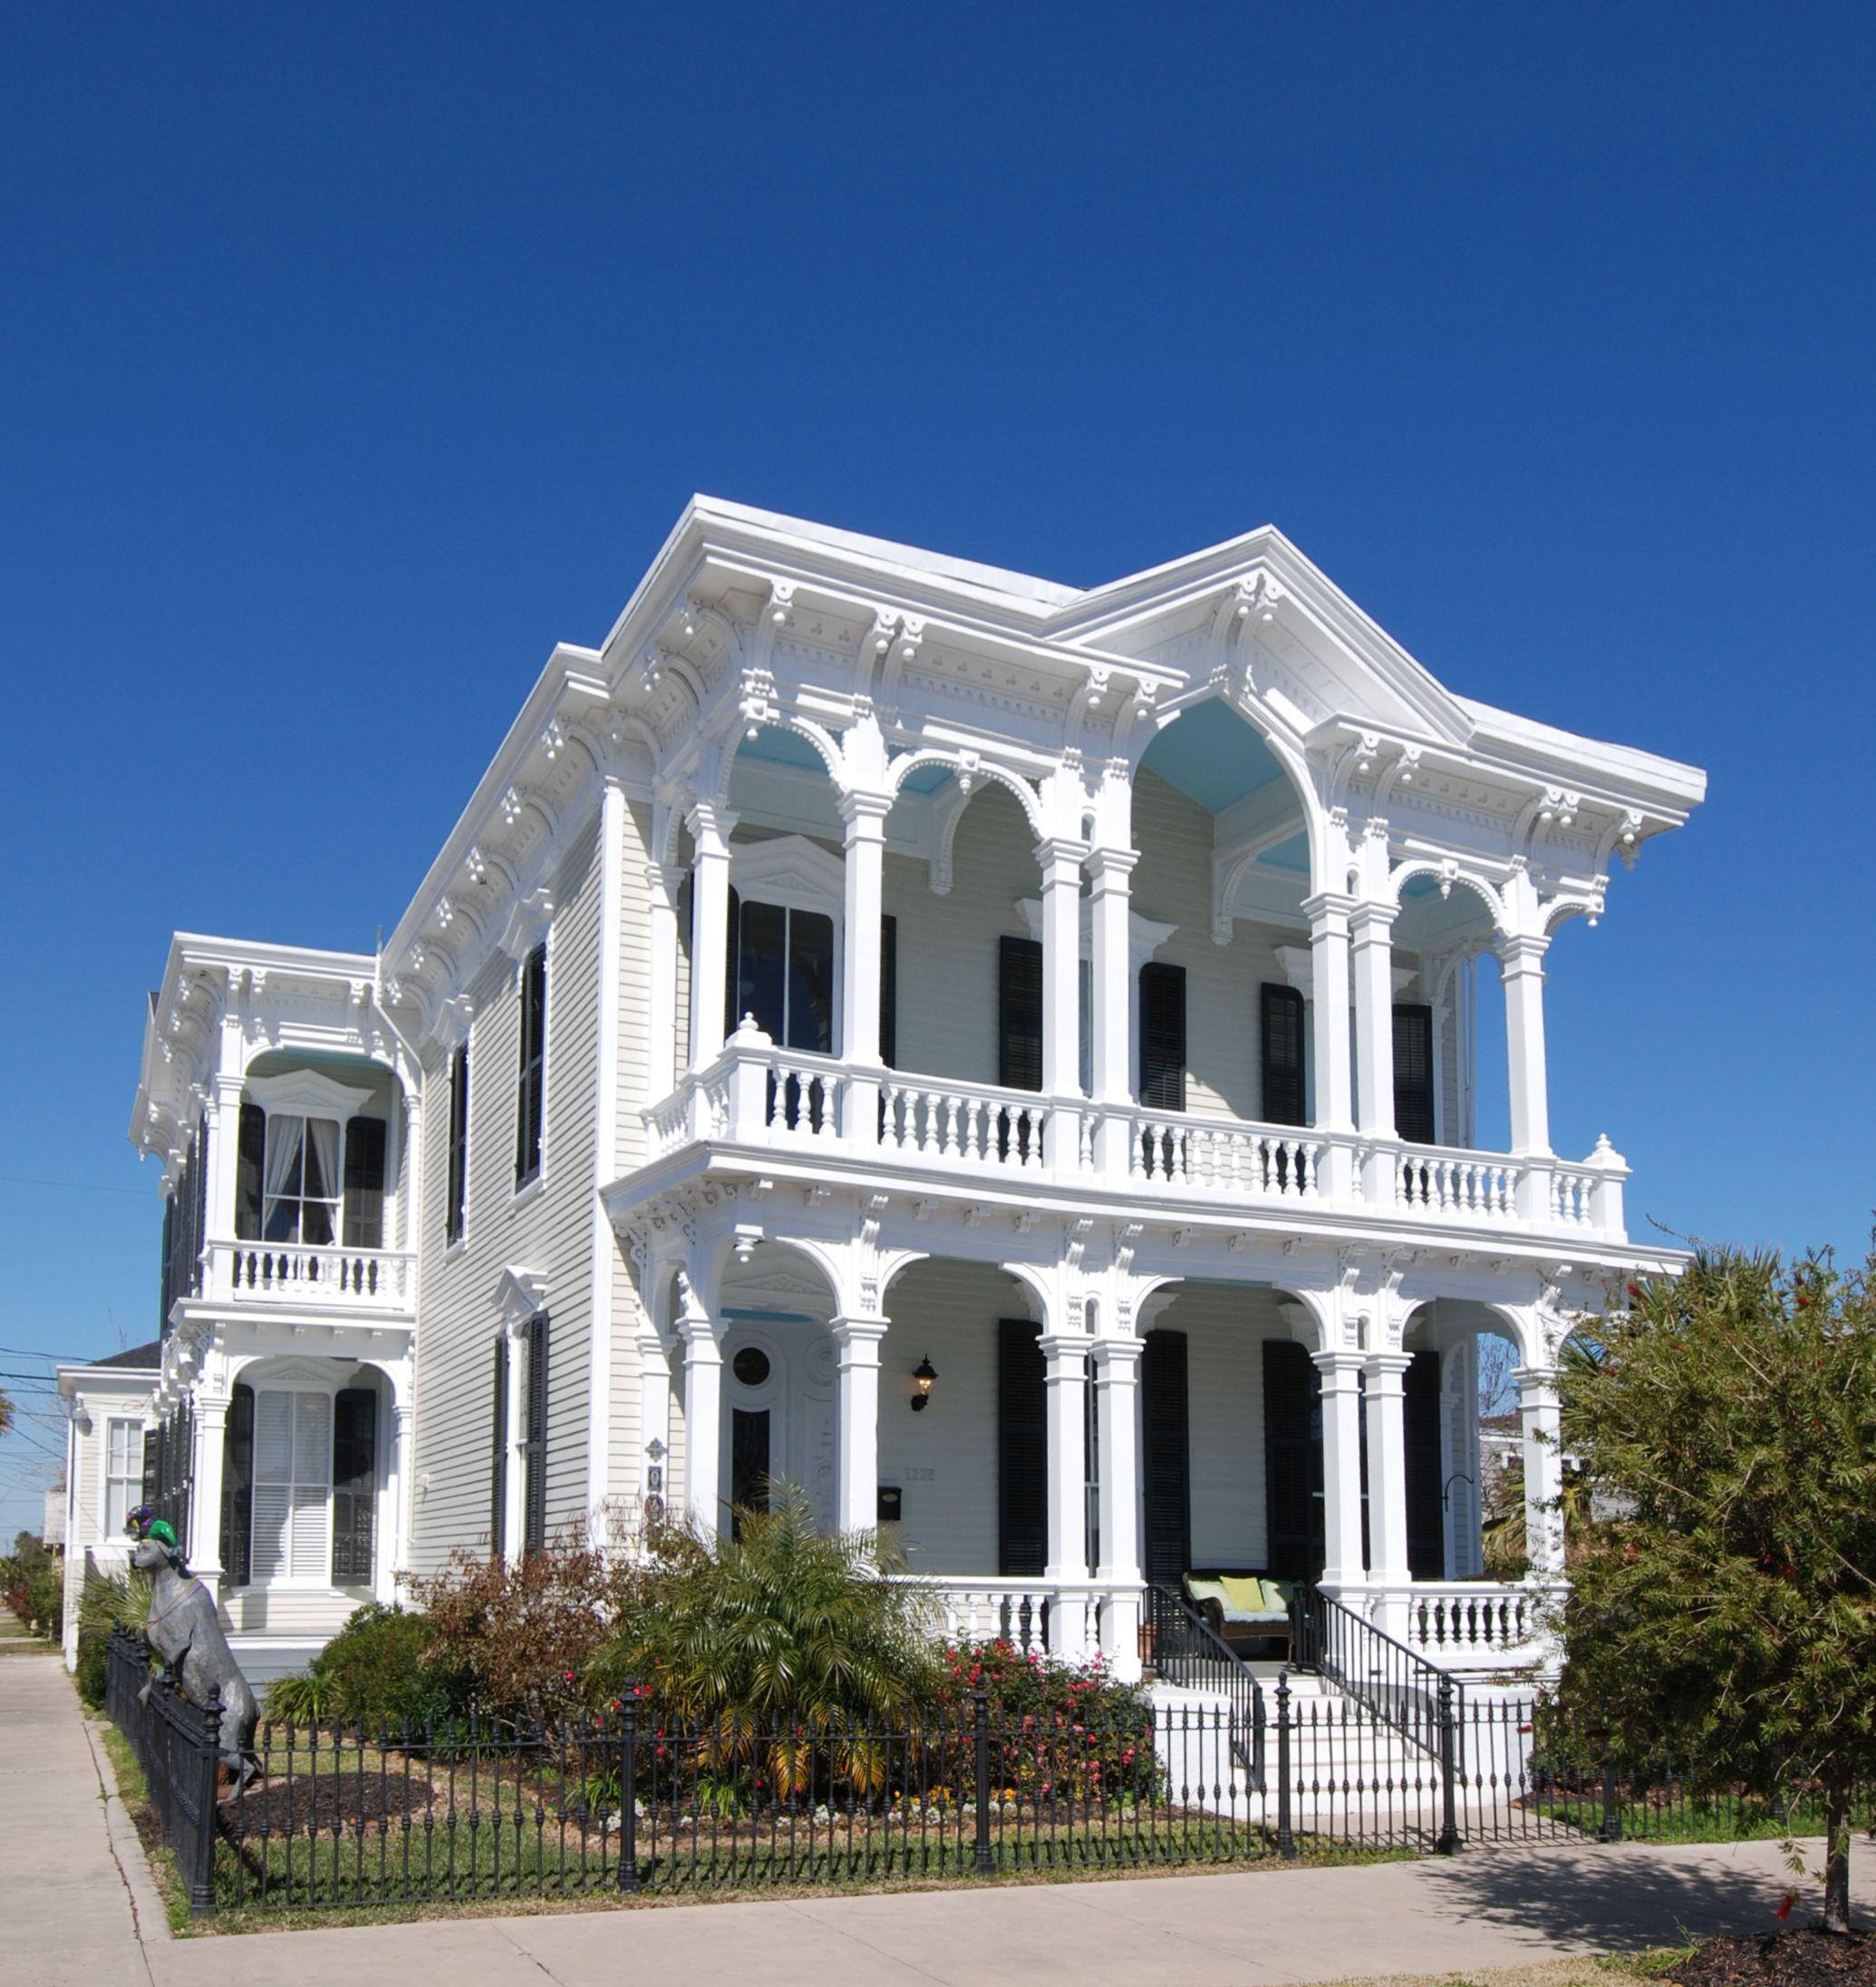 2008 Idea House In Galvestion Texas: Galveston Historic Homes Tour